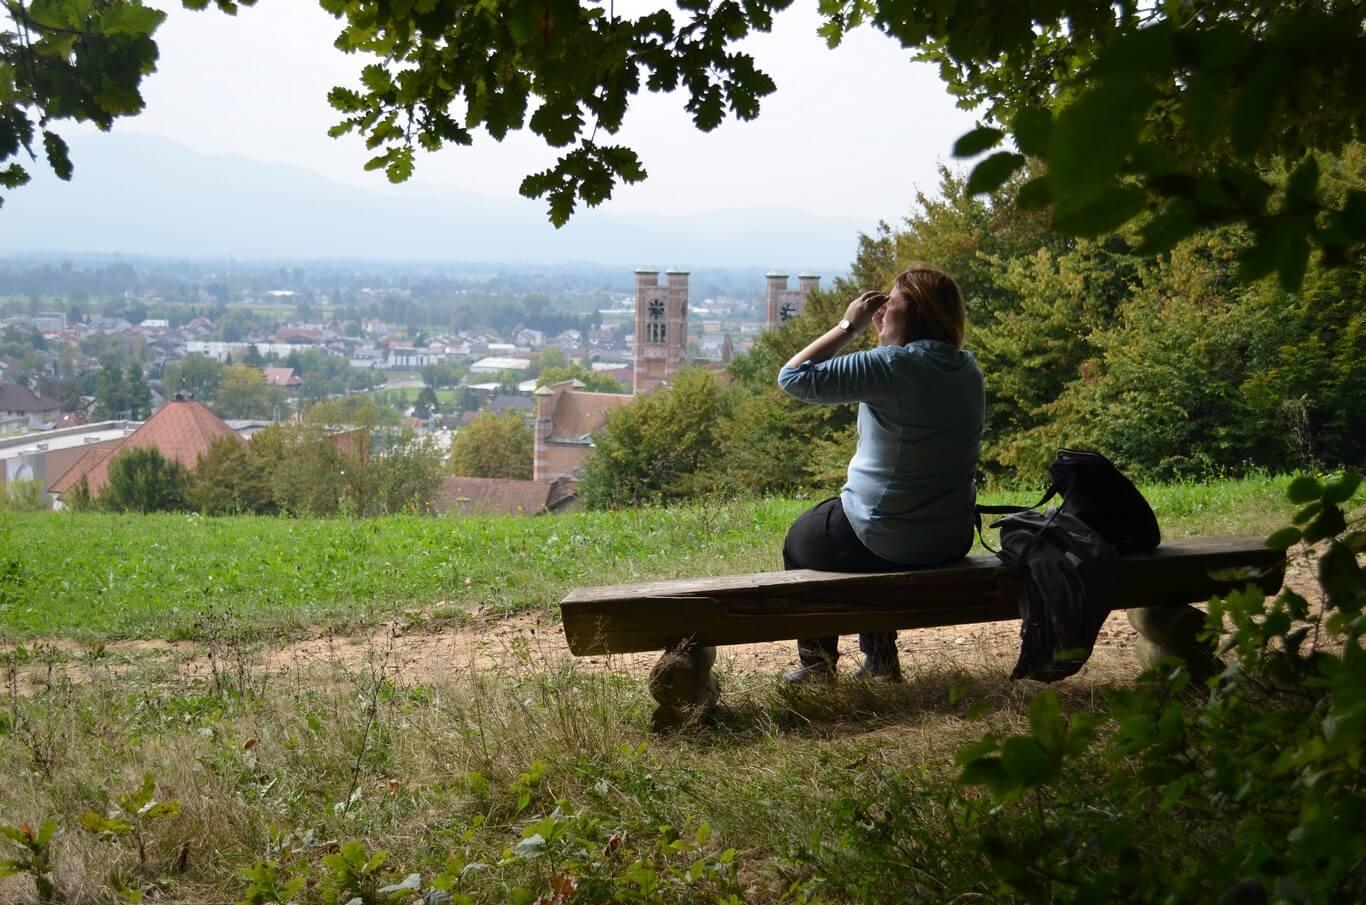 Ohranjamo zelena pljuča mesta: katere so zmagovalne ideje za Golovec?